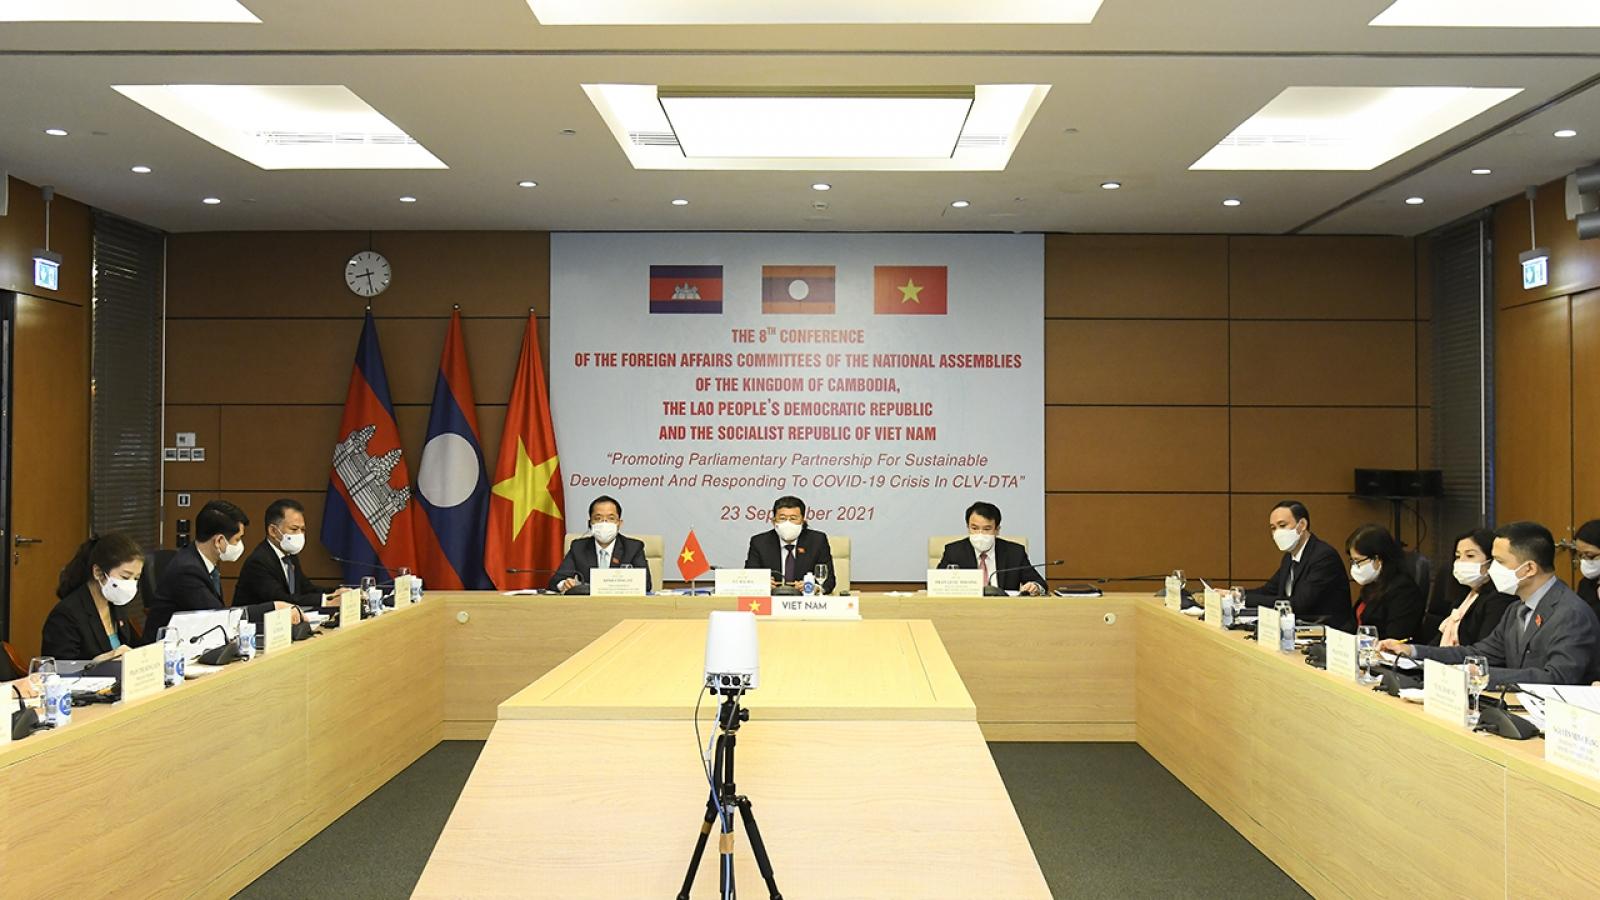 Hội nghị lần thứ 8 Ủy ban Đối ngoại Quốc hội 3 nước Campuchia - Lào - Việt Nam